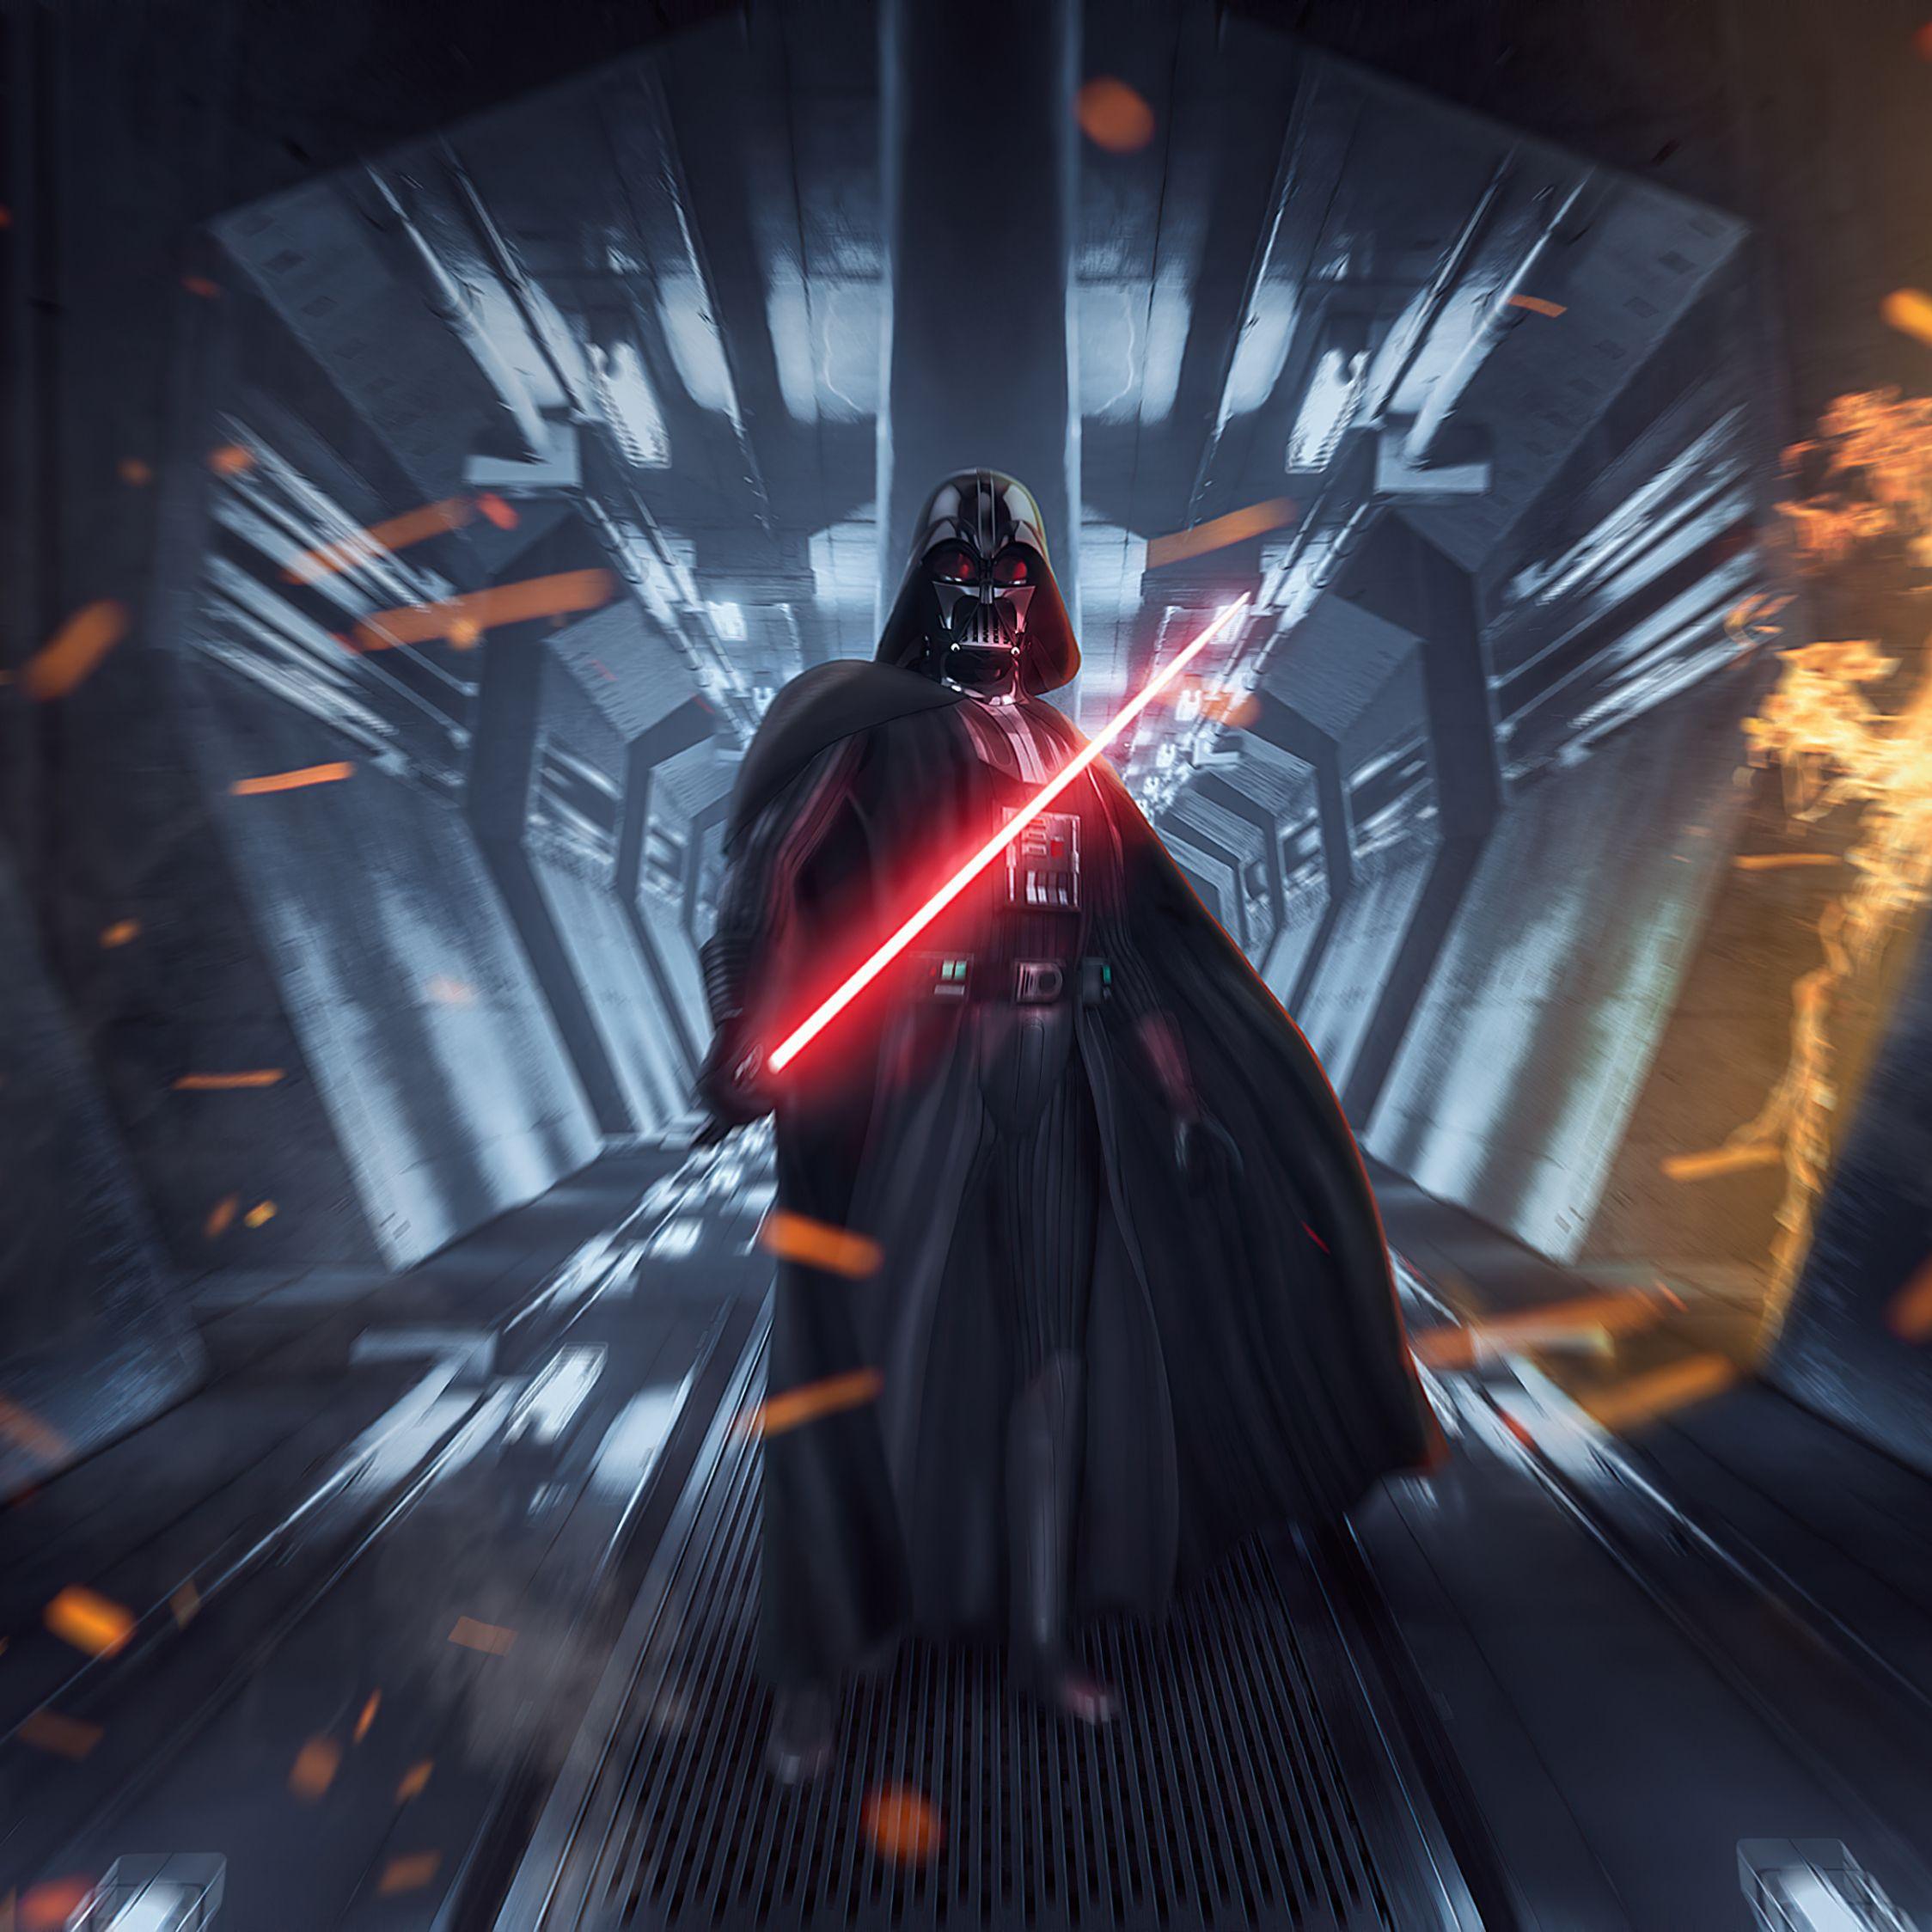 2248x2248 Darth Vader, Star Wars Dark Forces, video game